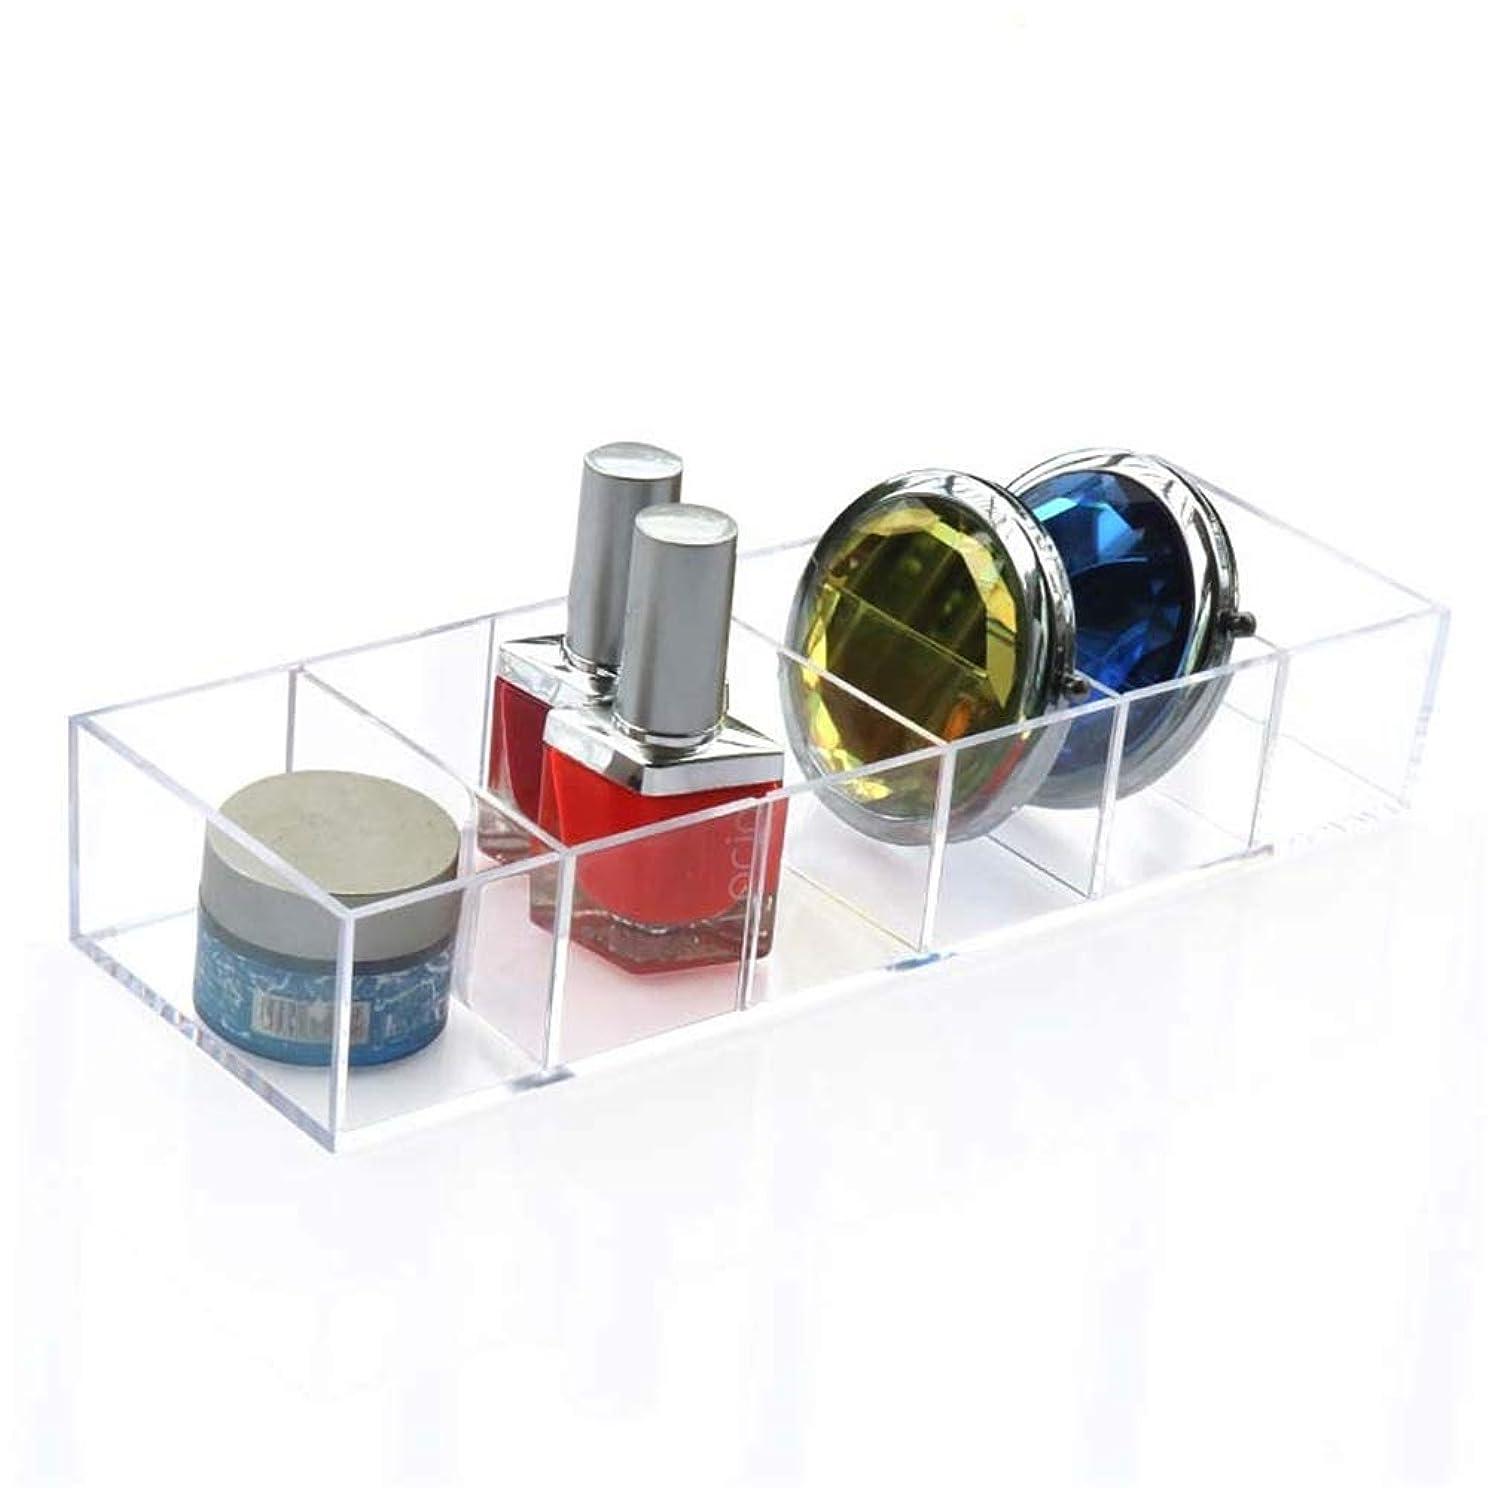 スパーク注文パーティー整理簡単 シンプル6スロットアクリルフェイスパウダー口紅ホルダー化粧ケース収納オーガナイザーボックス (Color : Clear, Size : 25.5*8.6*4.4CM)